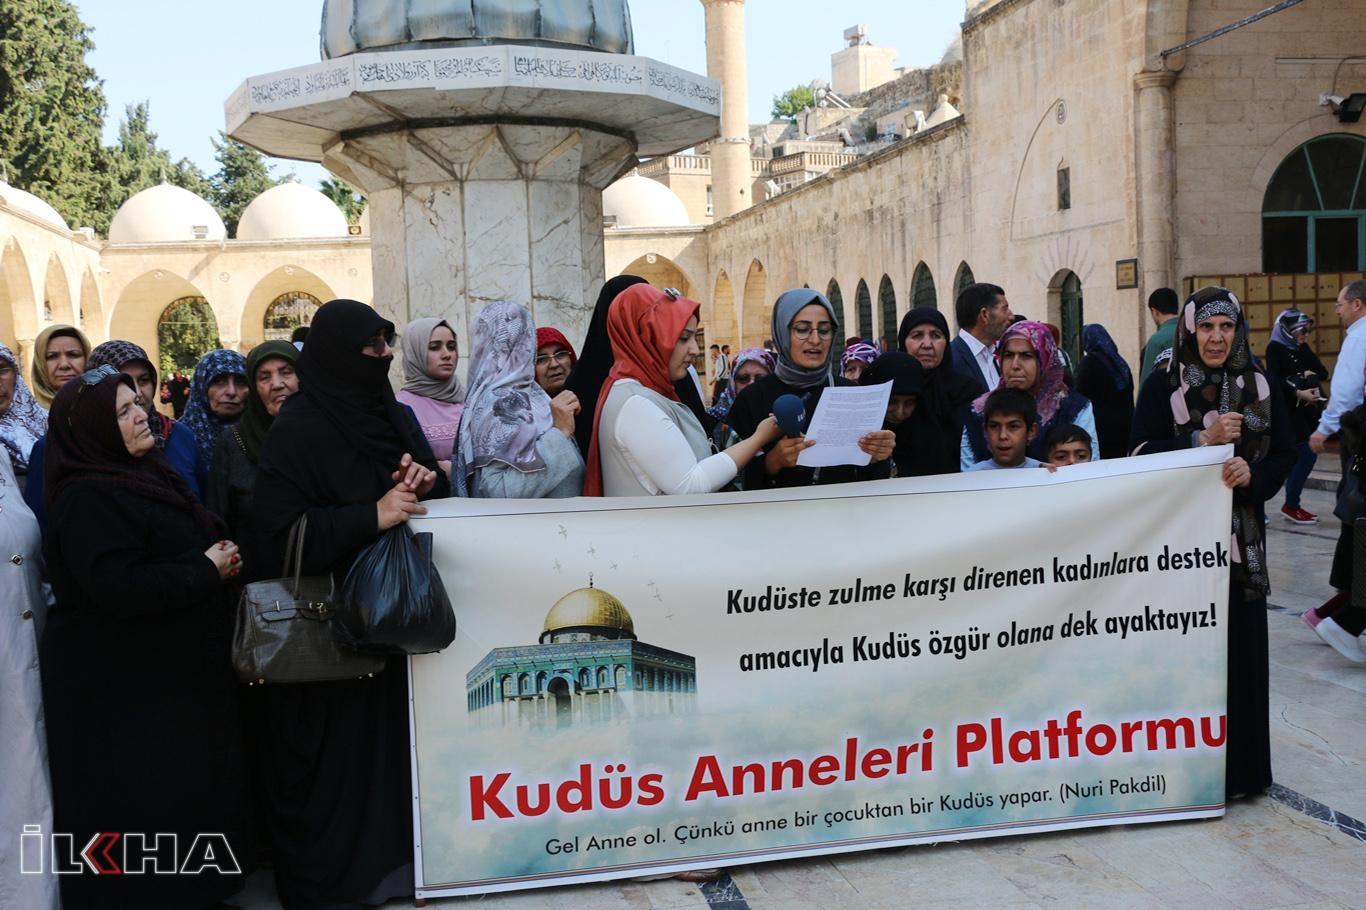 Müslümanlar Kudüs'ü kurtarmak için harekete geçmelidir